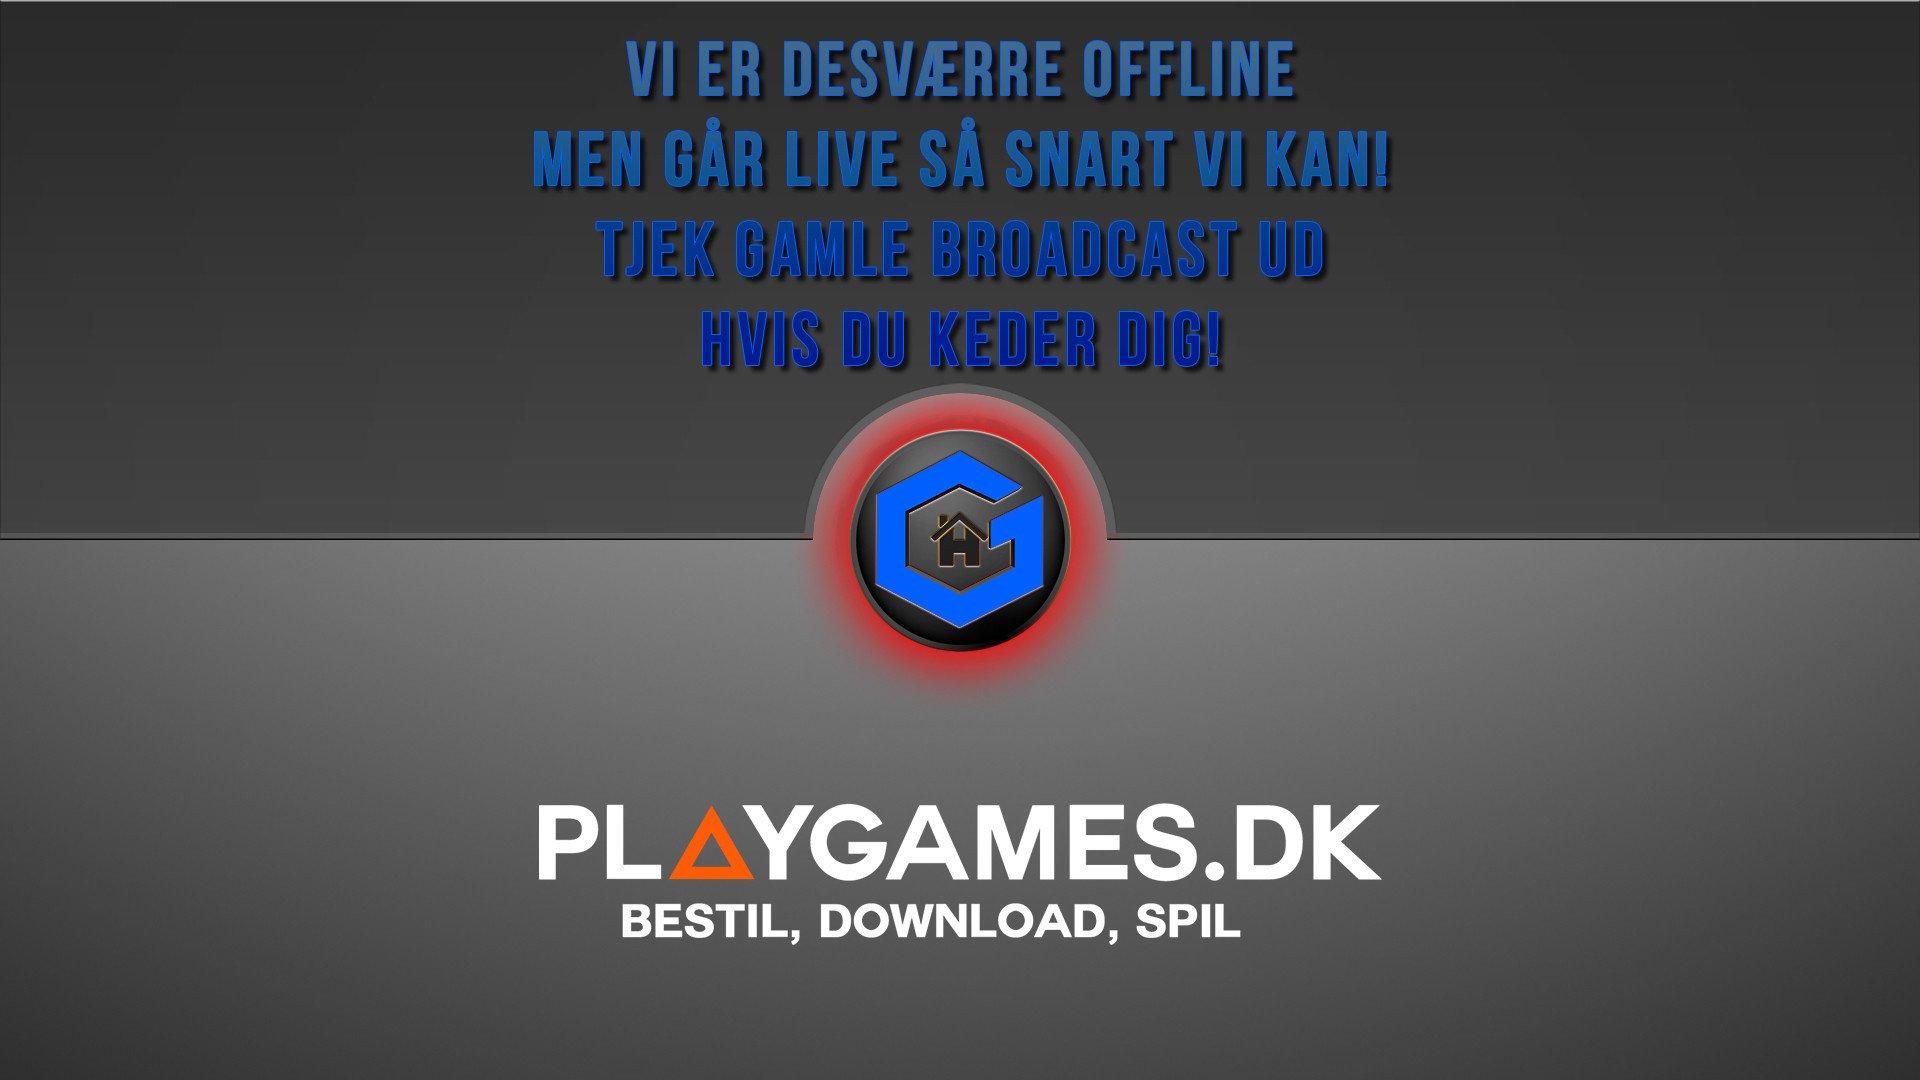 DREAMHACK HYPE!! - Gamerhuset.dk